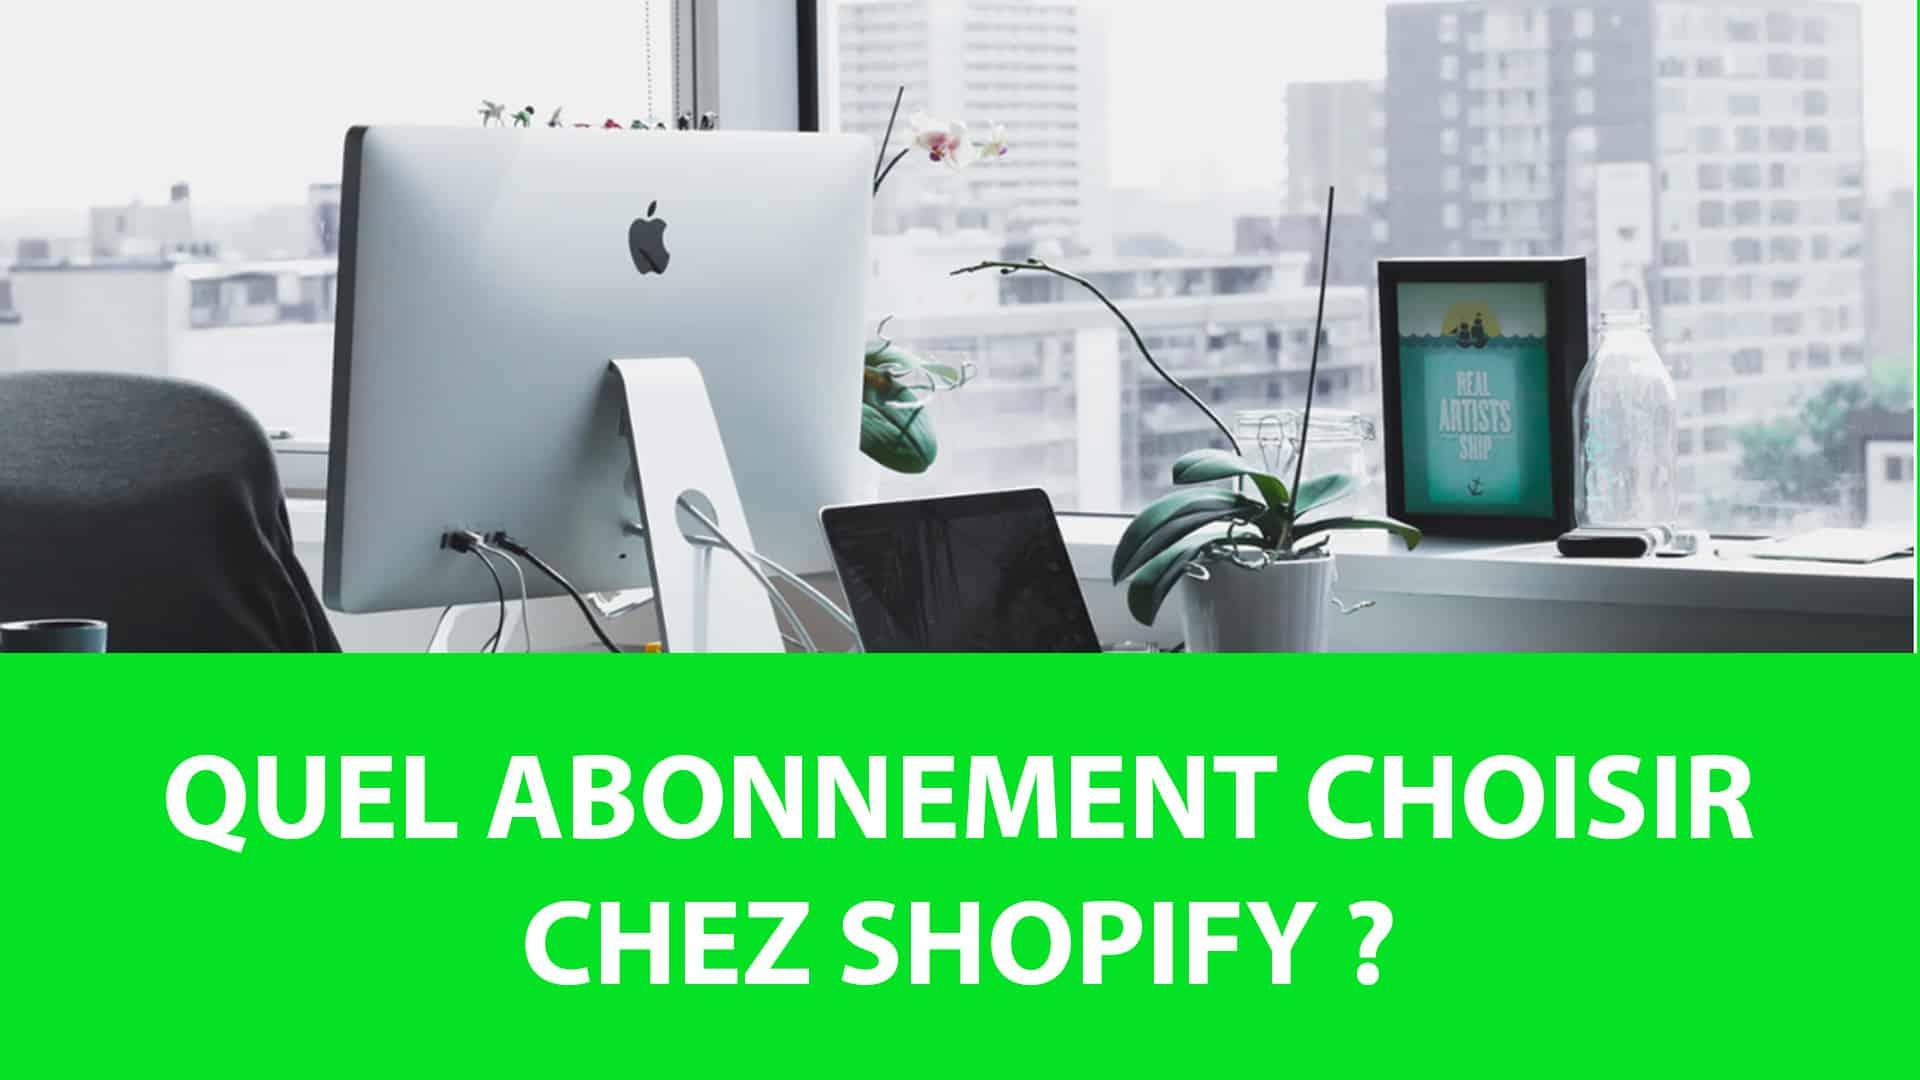 Les différents abonnements sur shopify sont montrés pour avoir un guide du prix.